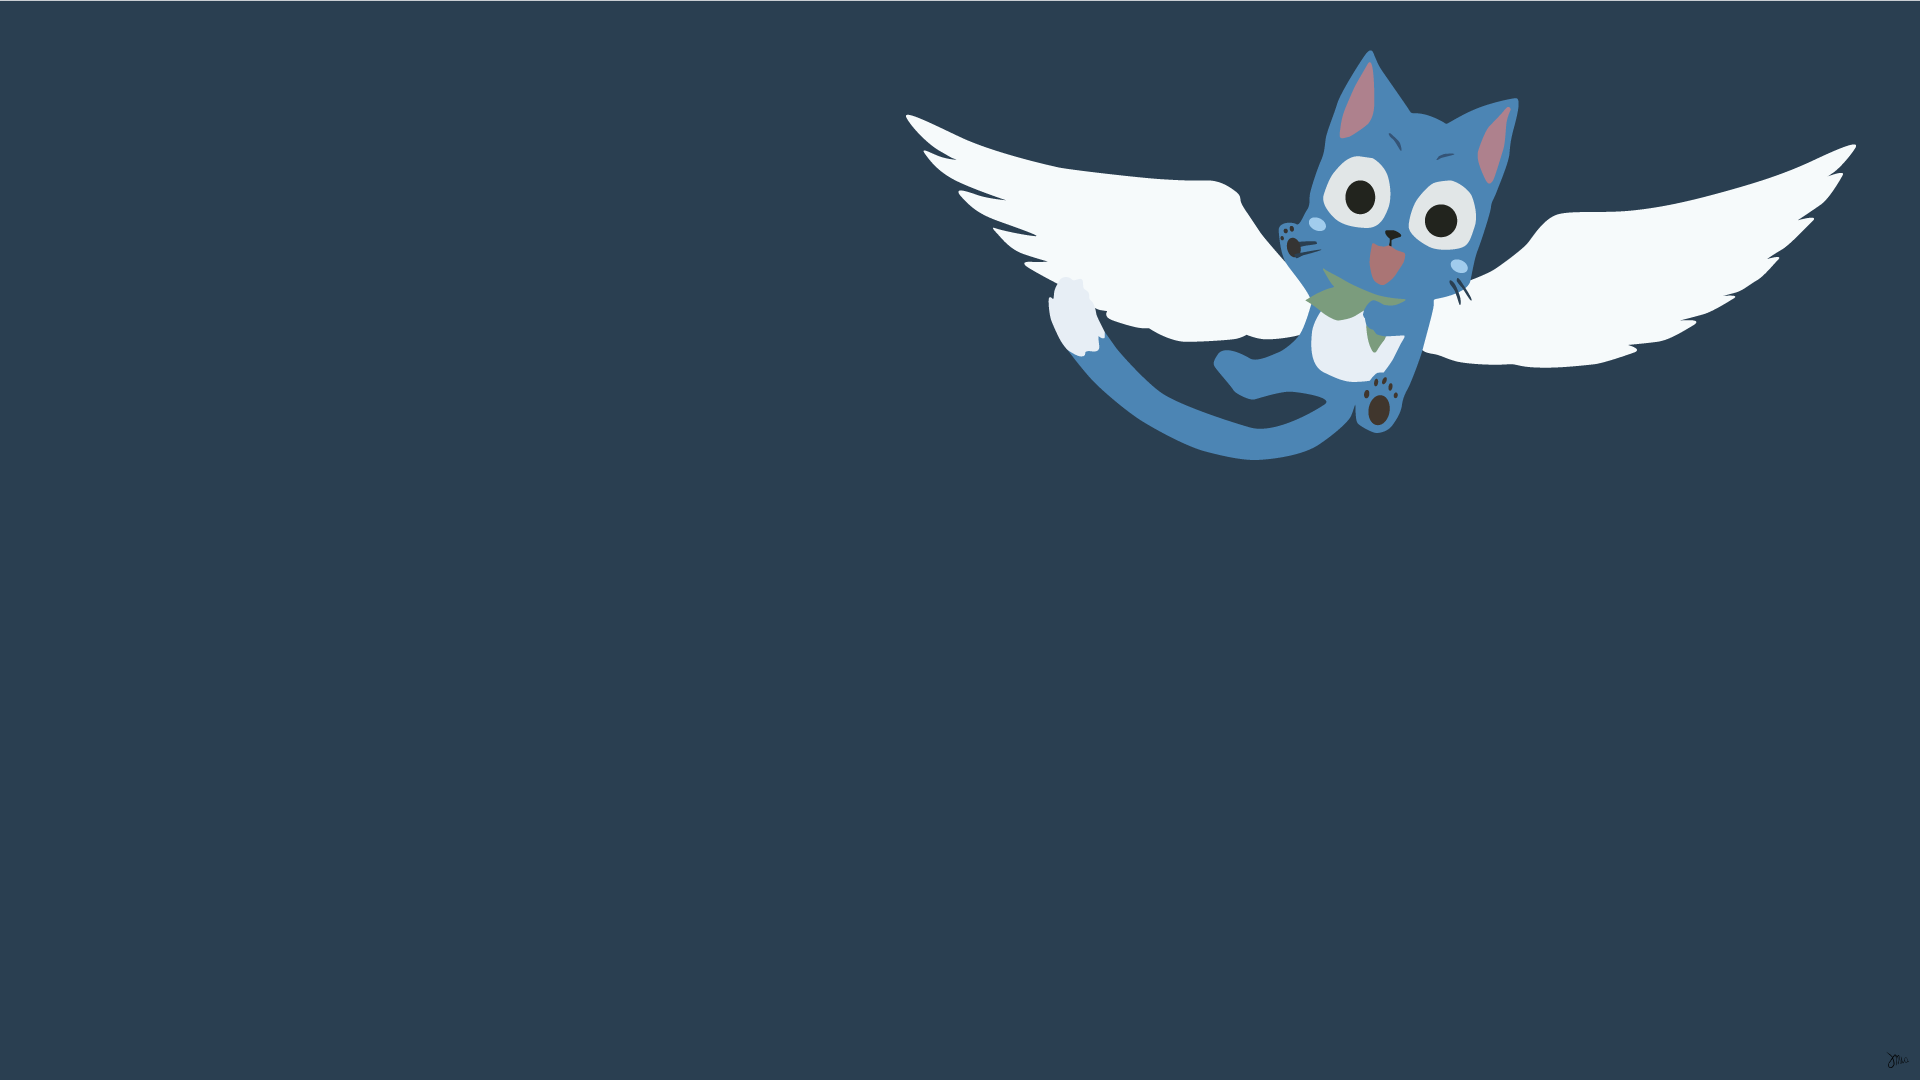 Fairy Tail Logo Desktop Wallpaper 36 Best HD Photos of 1920x1080